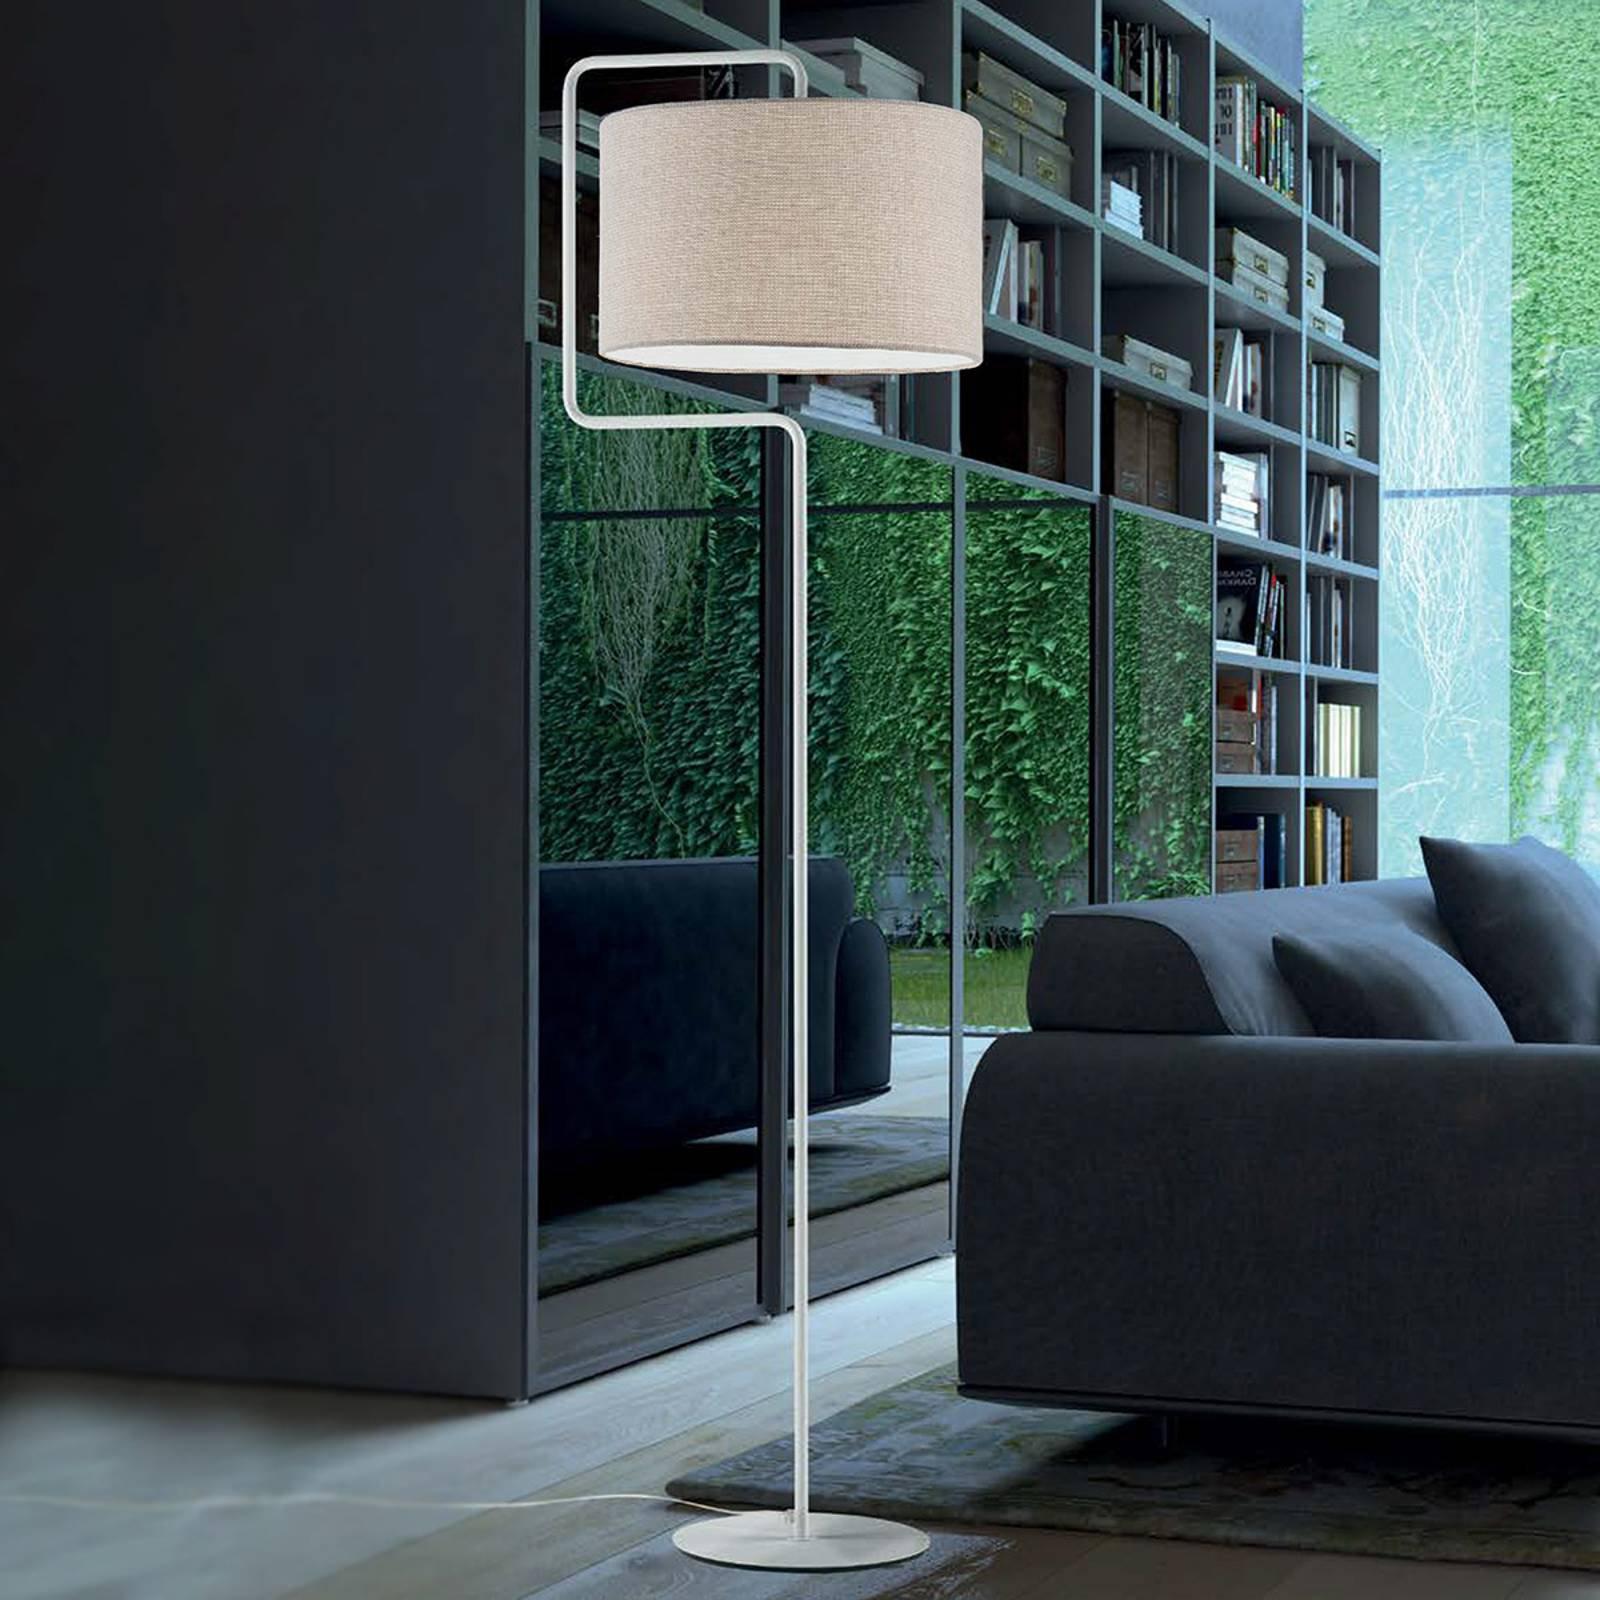 Morfeo gulvlampe skjerm tekstil krem